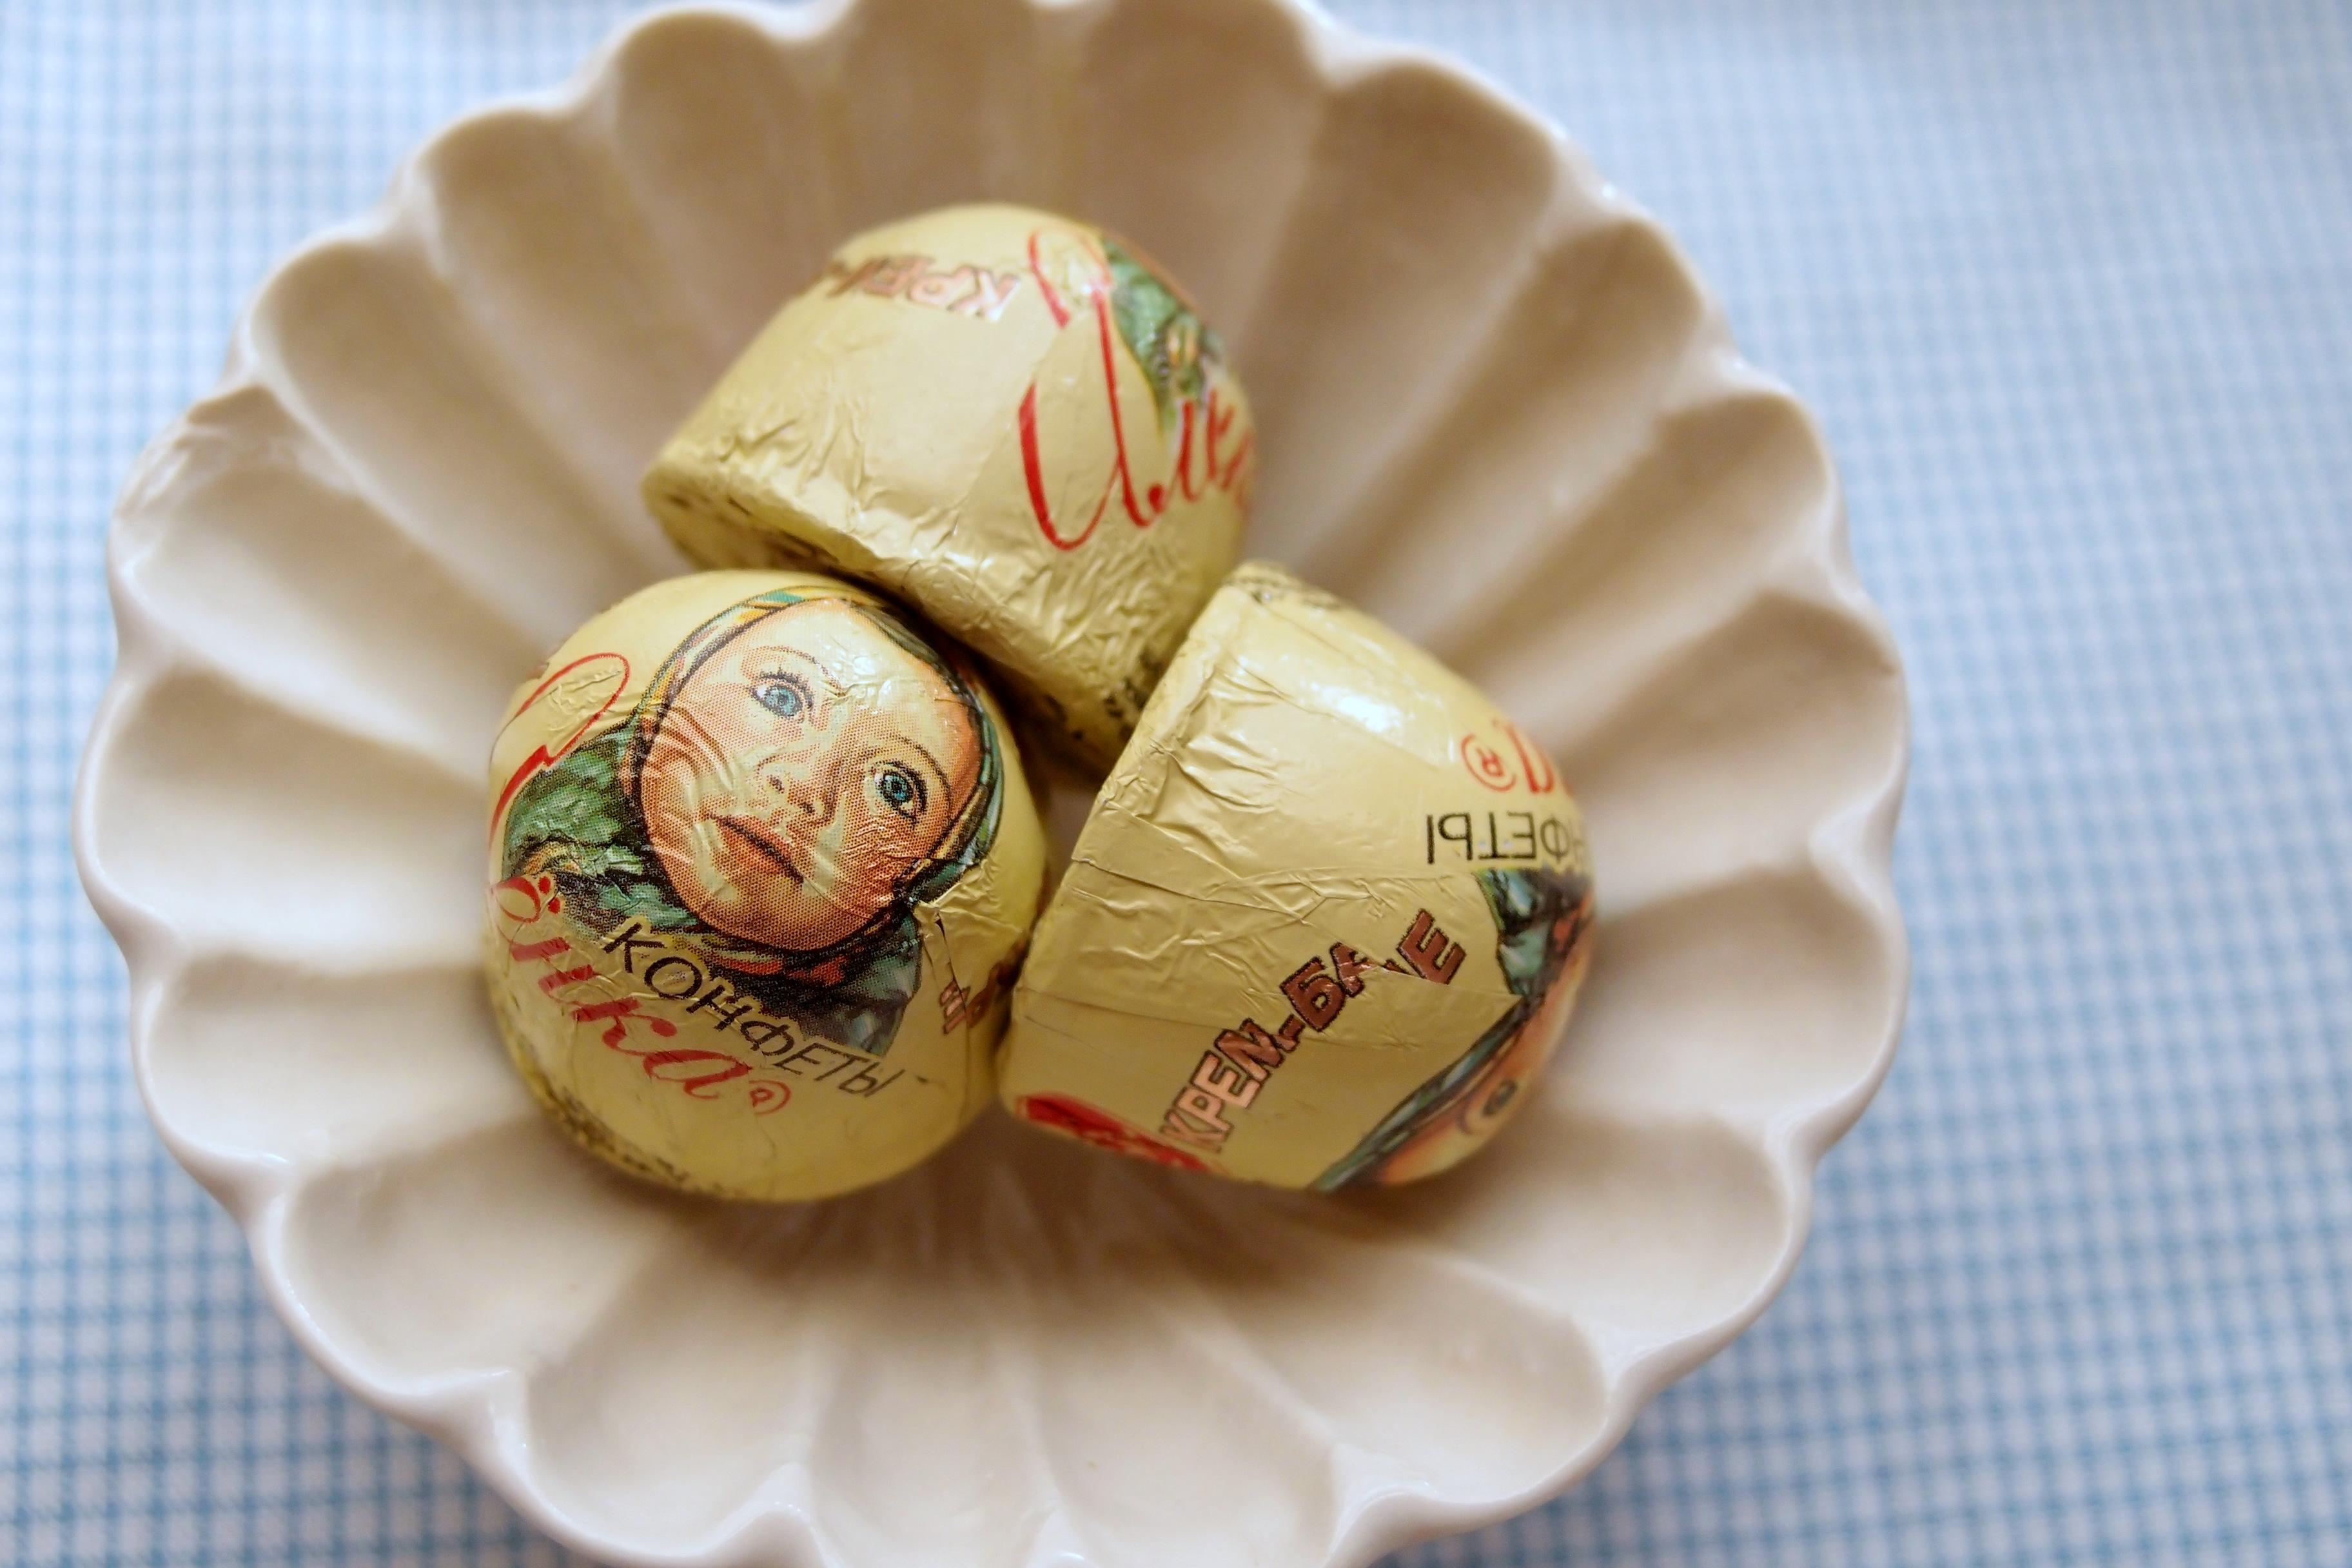 お土産でいただいた、ロシアのチョコレート